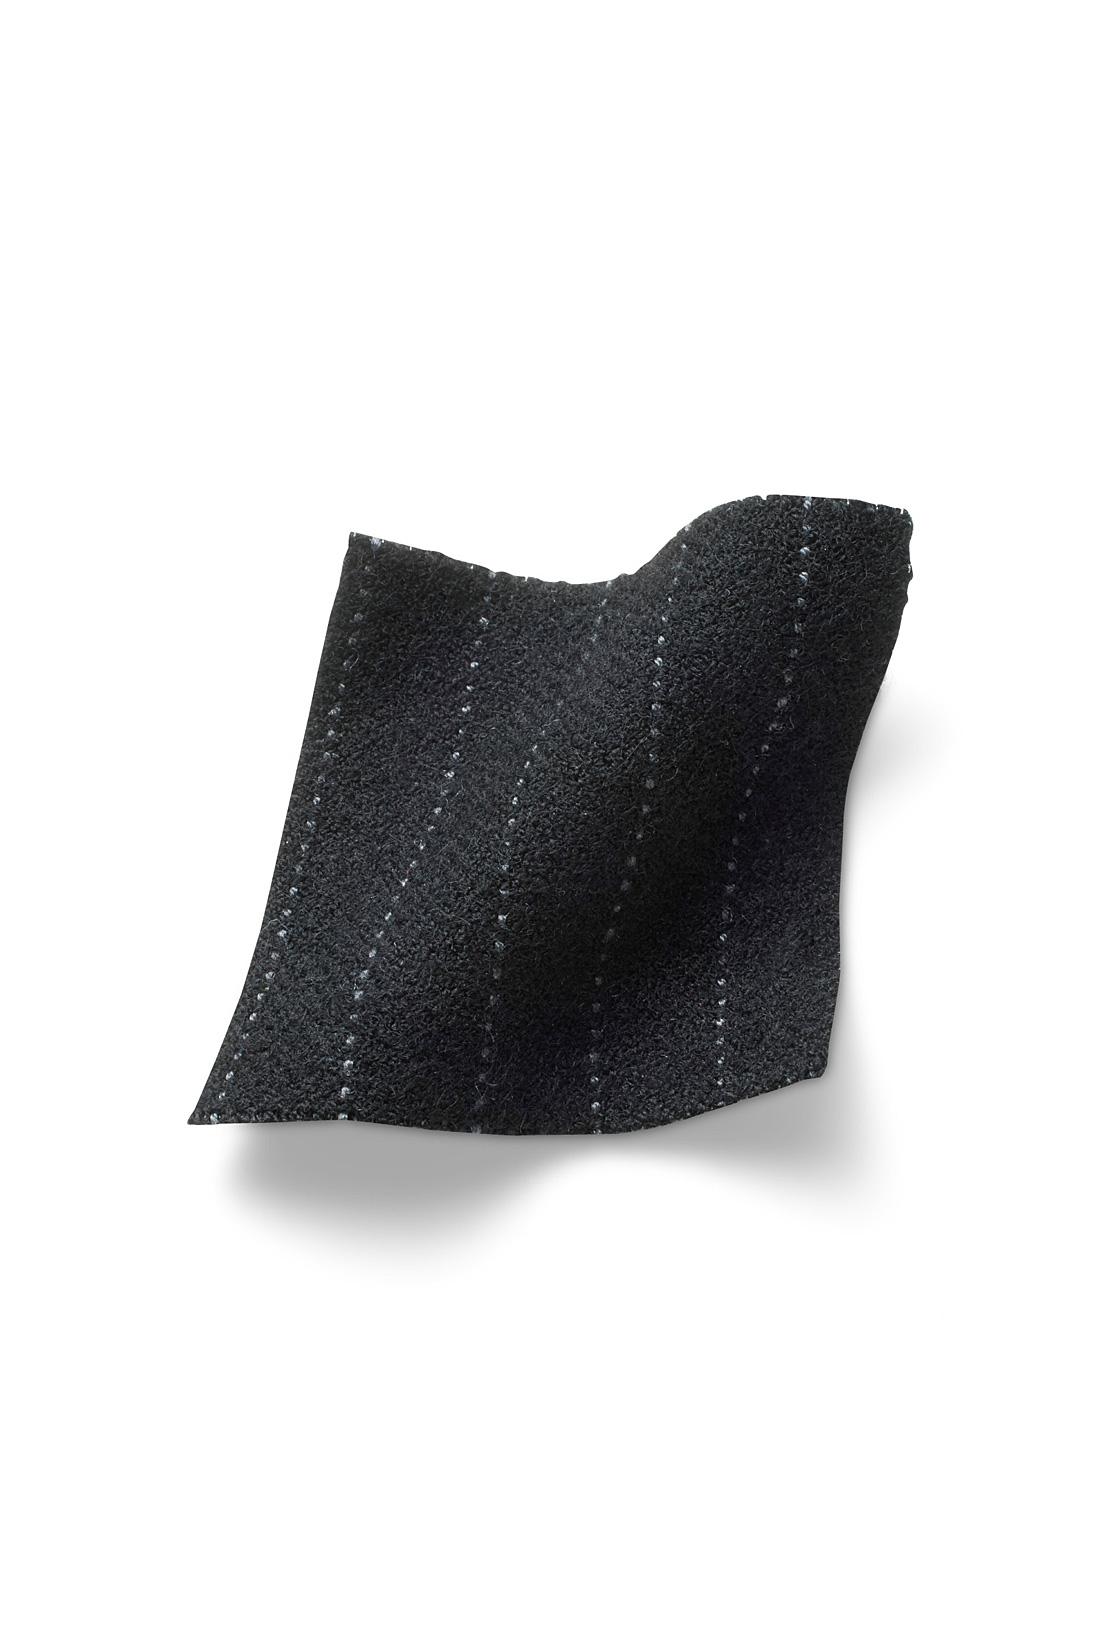 ふんわり裏起毛素材で暖か。